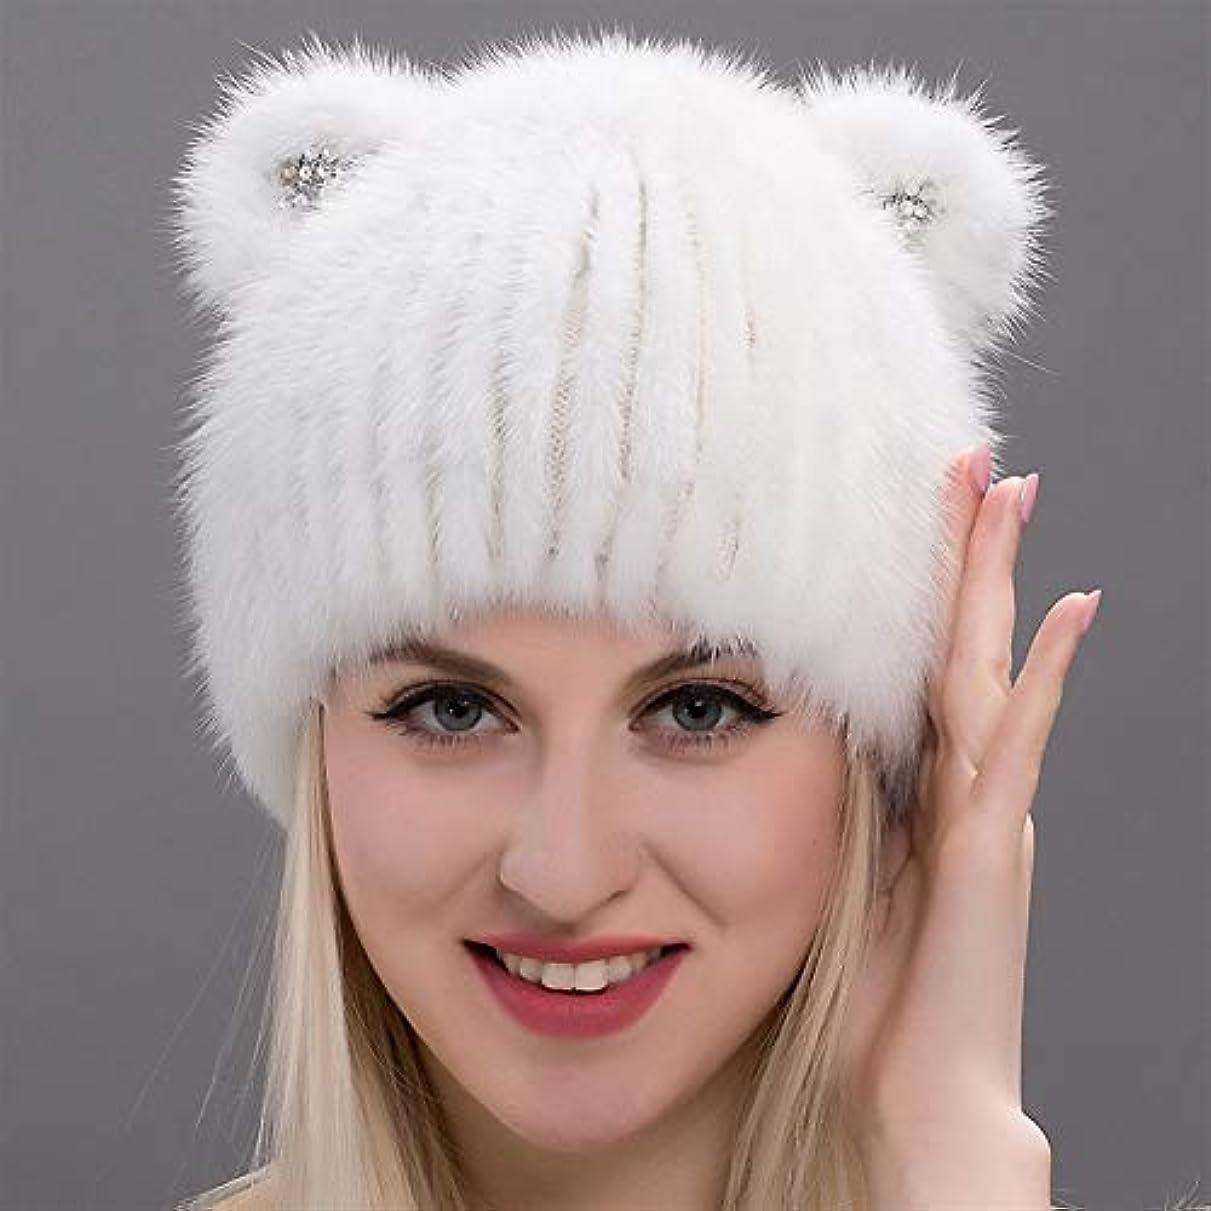 群れ従事する個人ACAO さんミンクの帽子の冬の帽子の女性のファッションオレッキエッテかわいい耳の毛皮の帽子 (色 : White, Size : Adjustable)